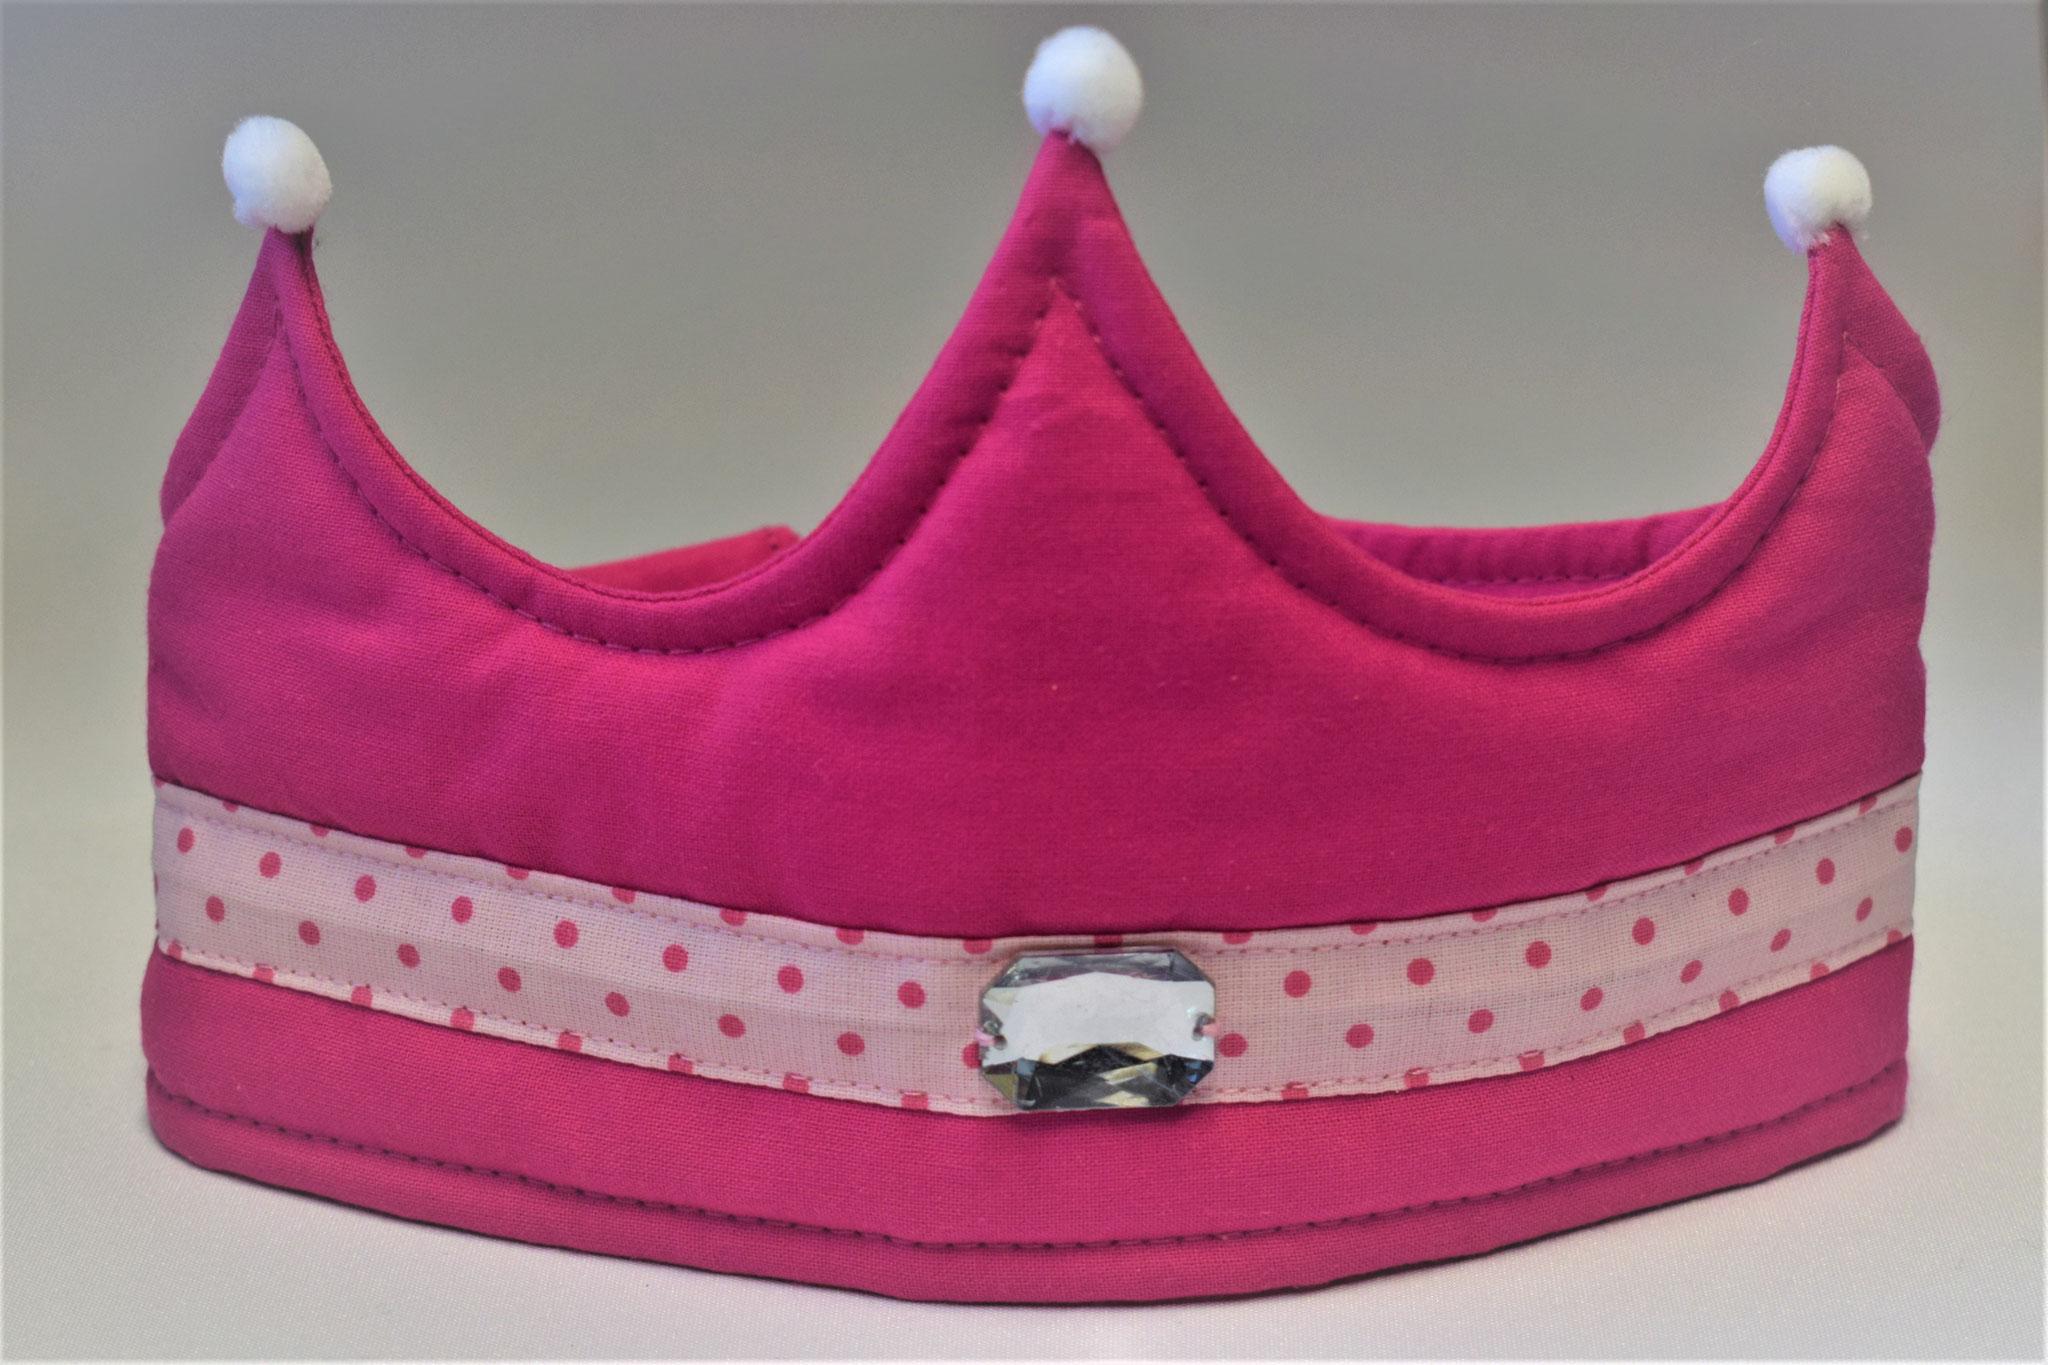 pink mit rosagepunkteter Bordüre, 17,50€